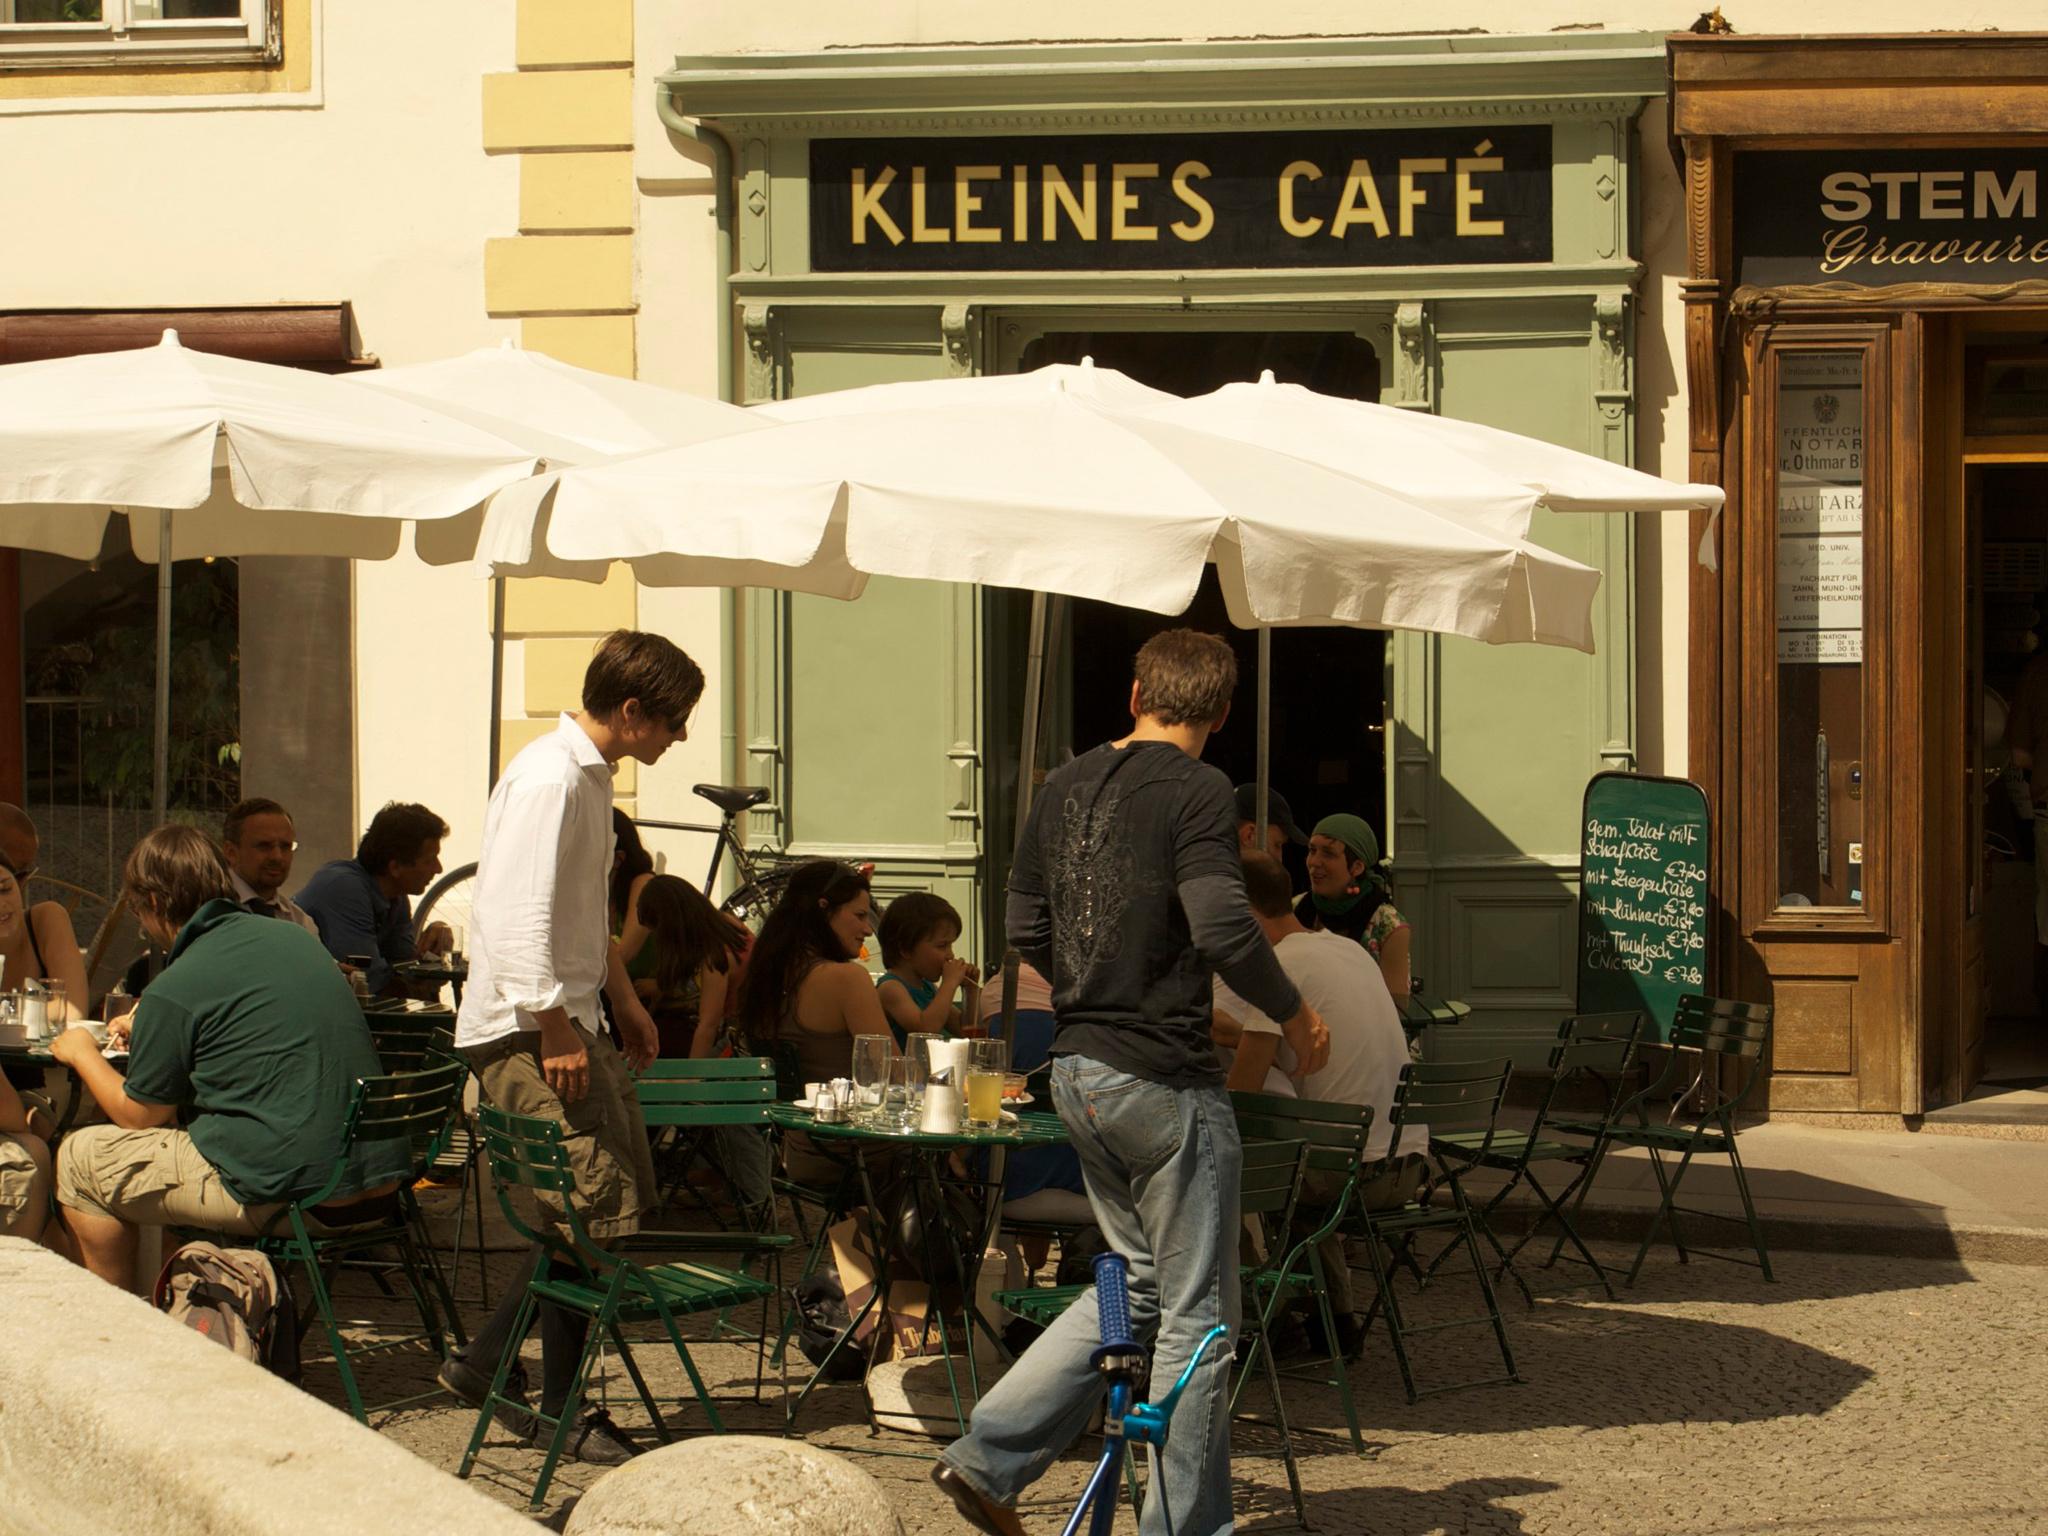 Kleines Café in Vienna